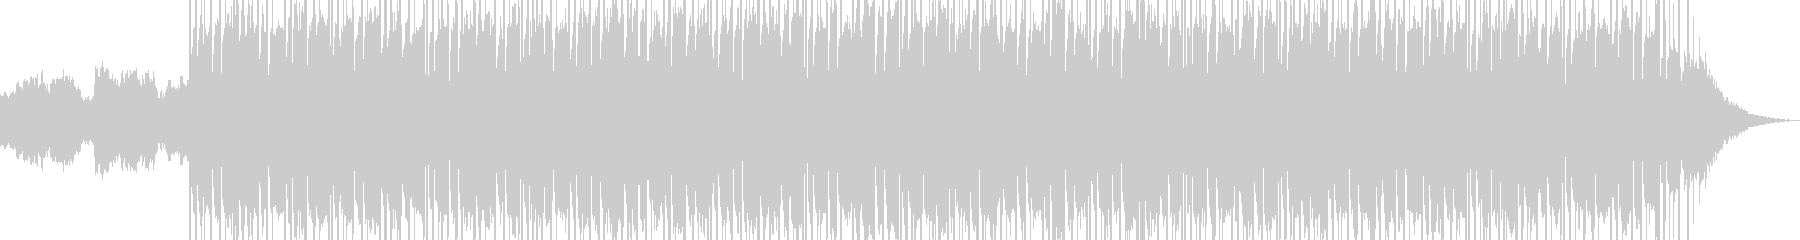 実験的な テクノロジー 電気ピアノ...の未再生の波形